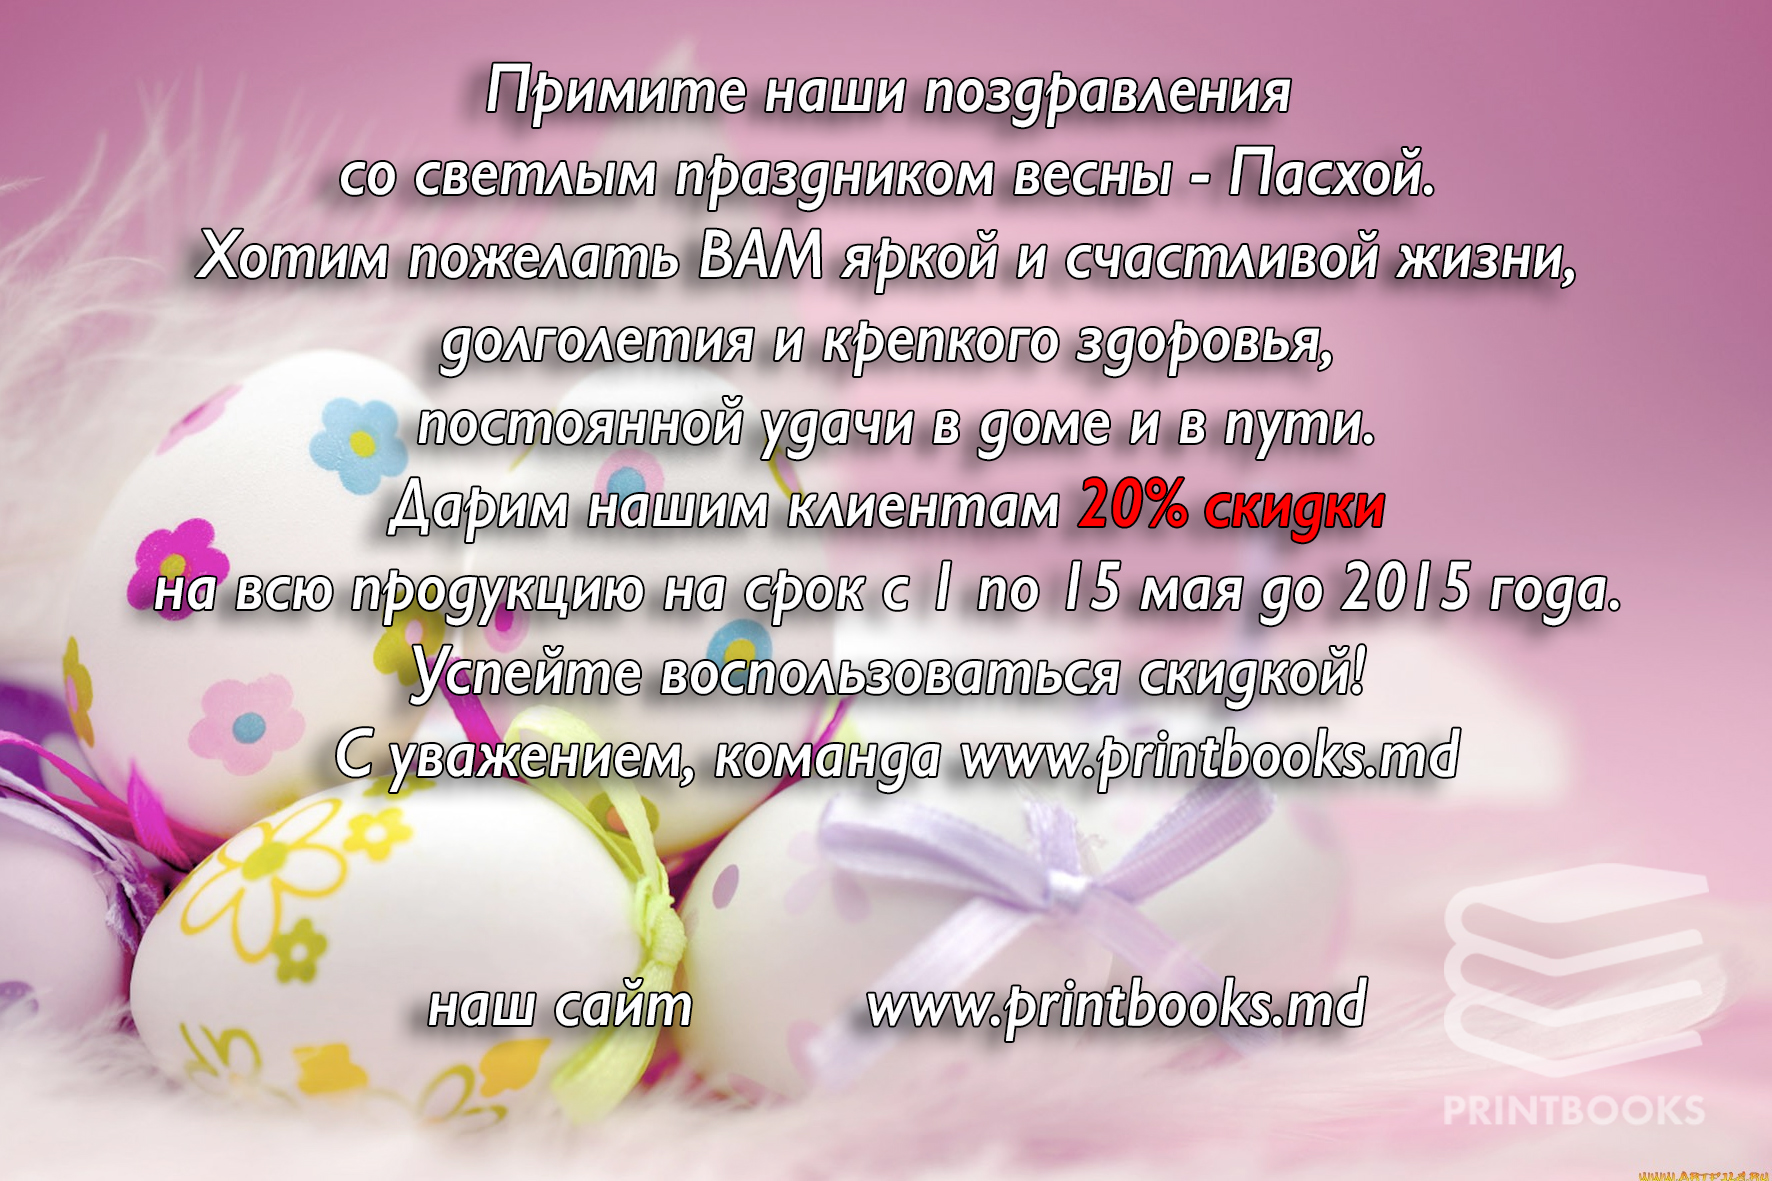 Стихи к подарку портрет ПОРТРЕТ и ШАРЖ на заказ Мурманск 47